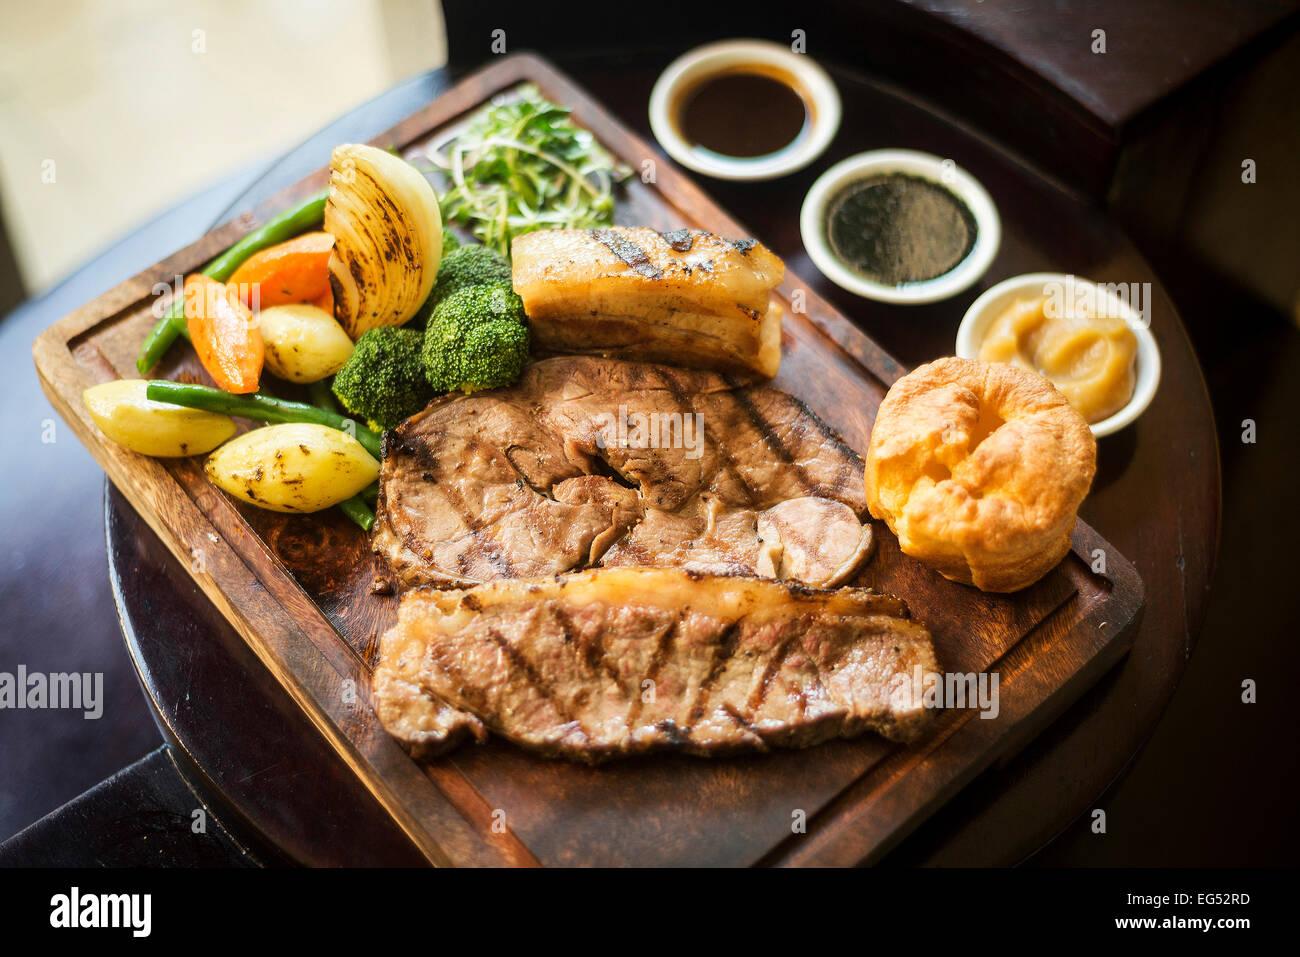 Cibo inglese tradizionale Arrosto domenicale pranzo in ristorante accogliente pub Immagini Stock